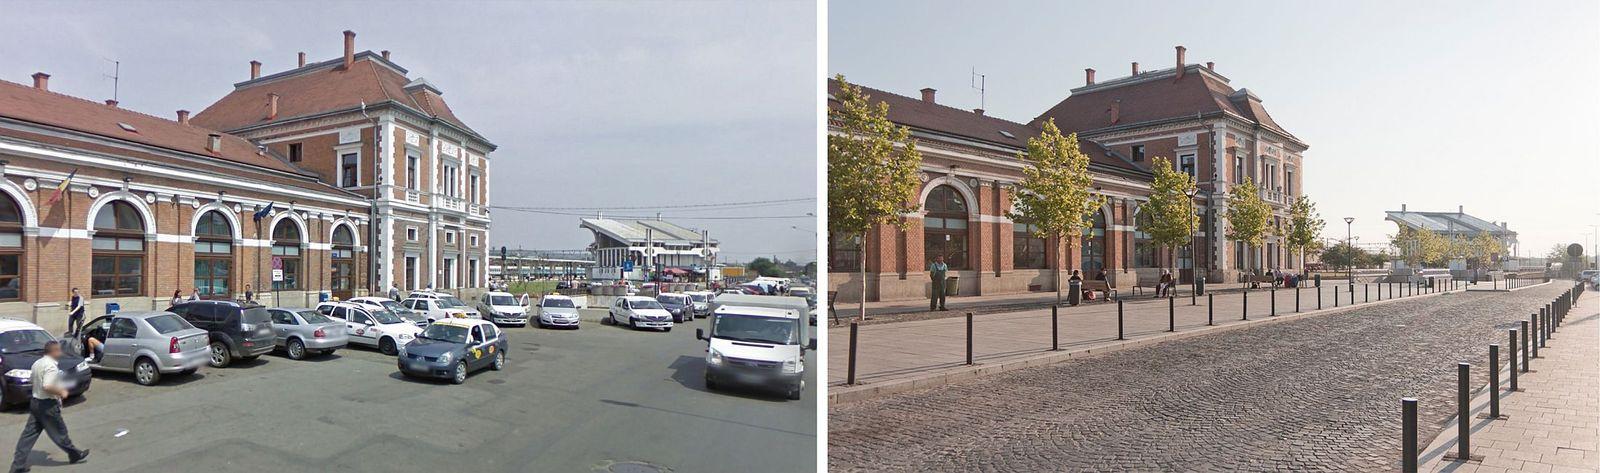 Piața Gării înainte și după pietonalizare.